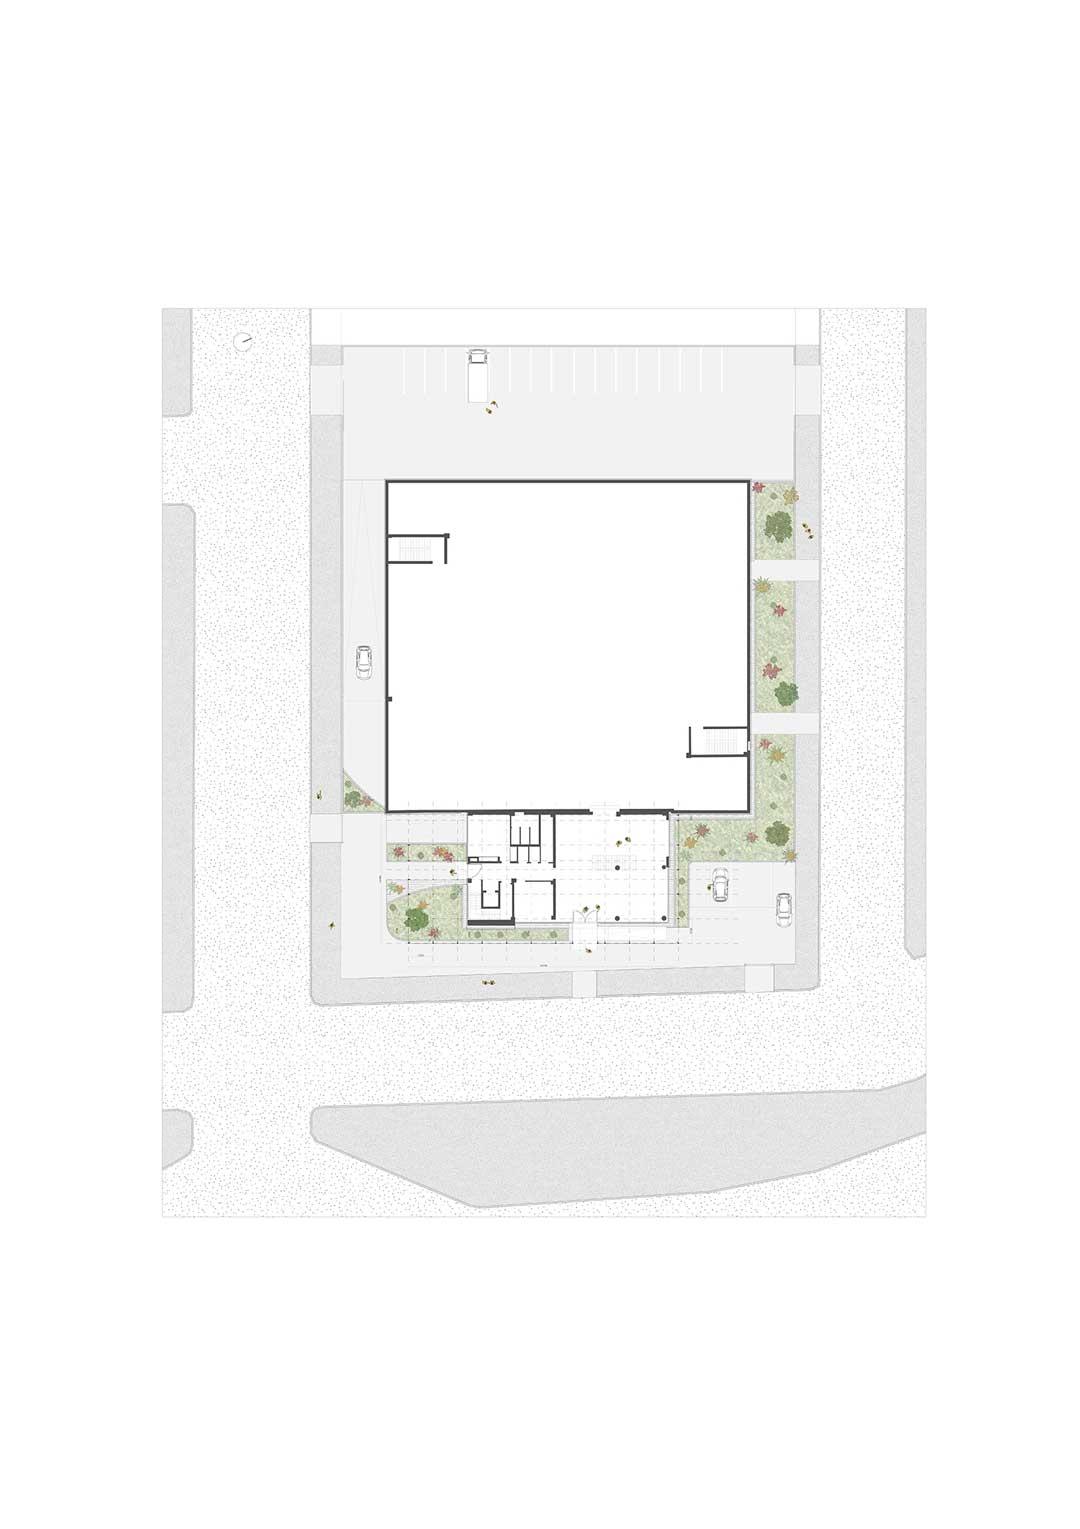 AtlasPeintures - ground floor laa - lorenaalessioarchitetti}